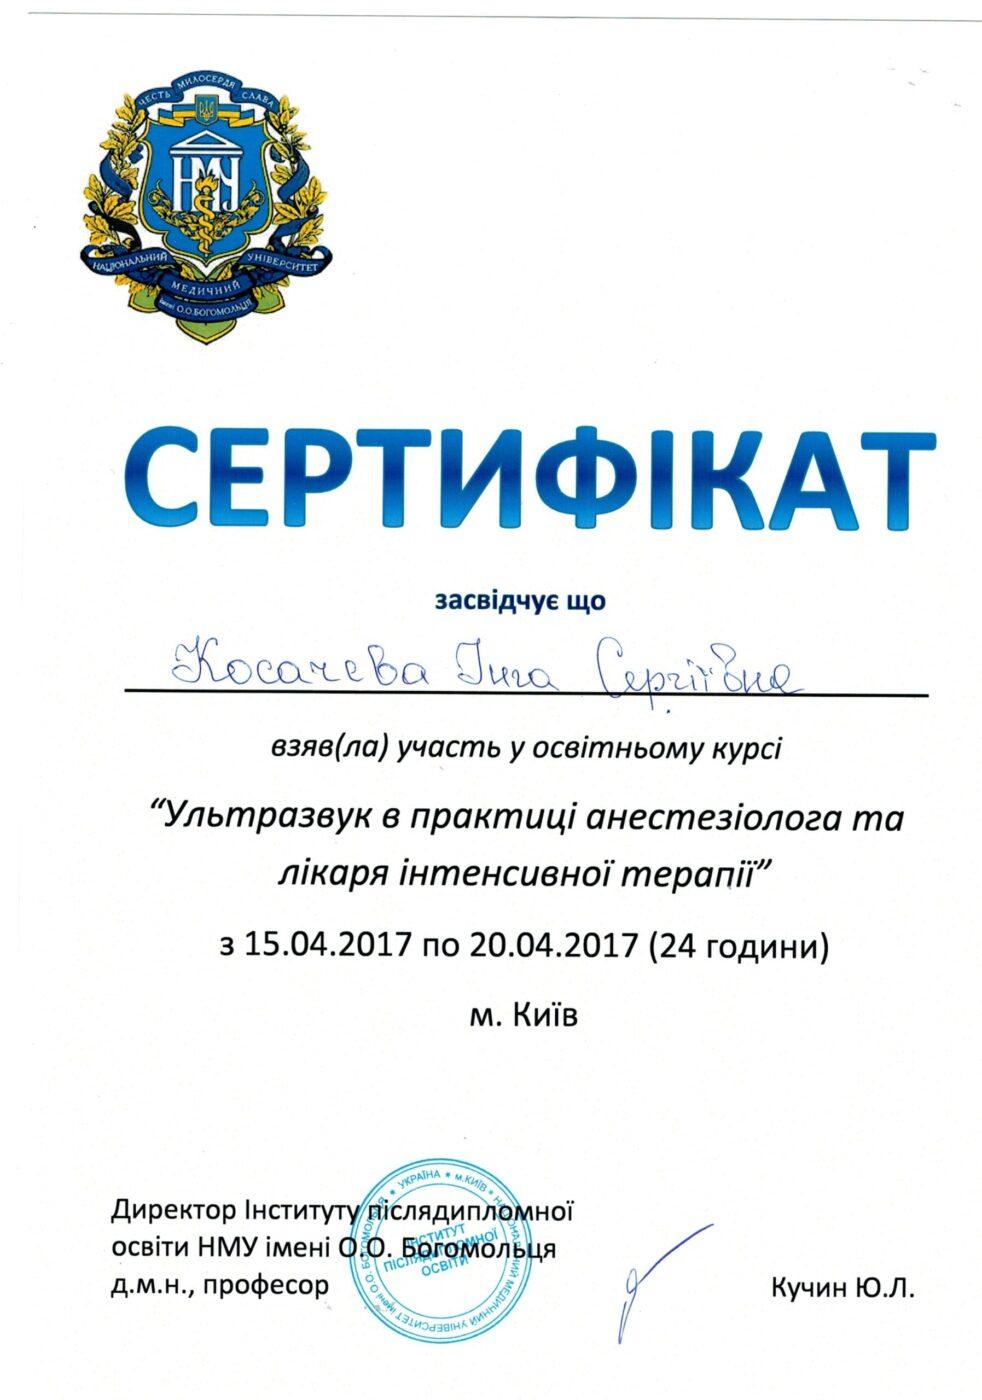 Сертификат подтверждающий участие Косачевой Инги в курсе - Ультразвук в практике анестезиолога